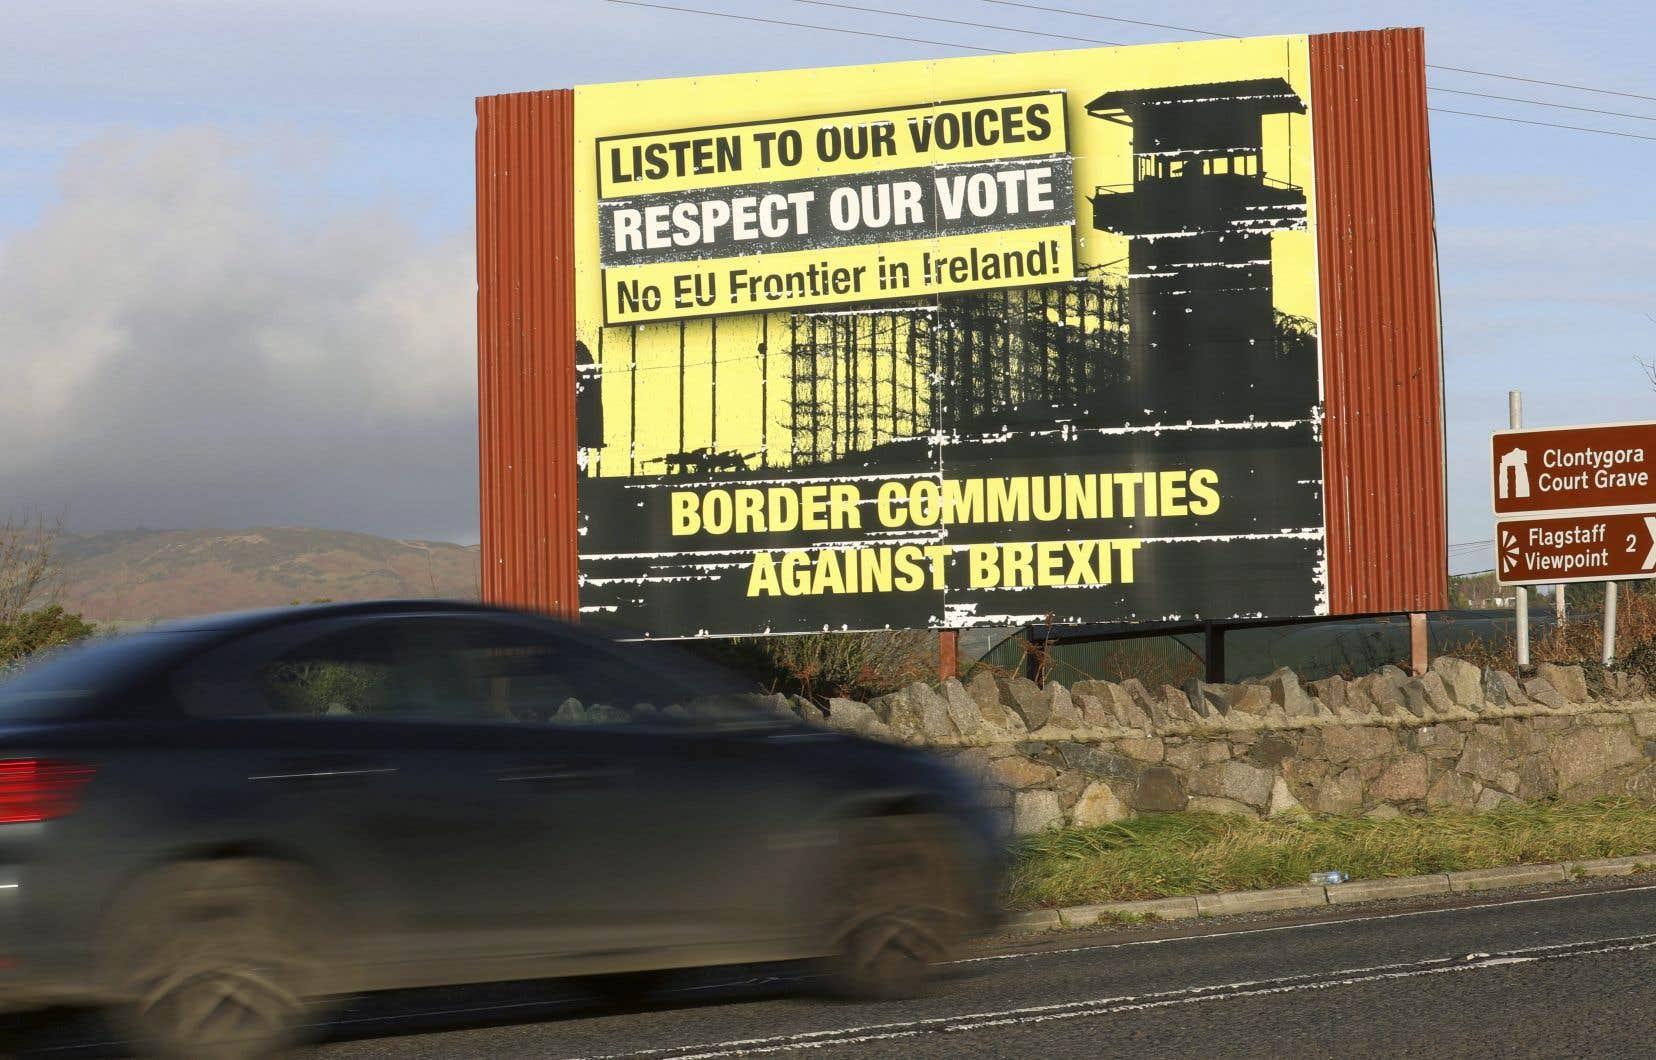 Les députés britanniques pourraient avoir le dernier mot sur l'éventuelle activation d'une disposition évitant le rétablissement de contrôles frontaliers sur l'île d'Irlande après le Brexit.